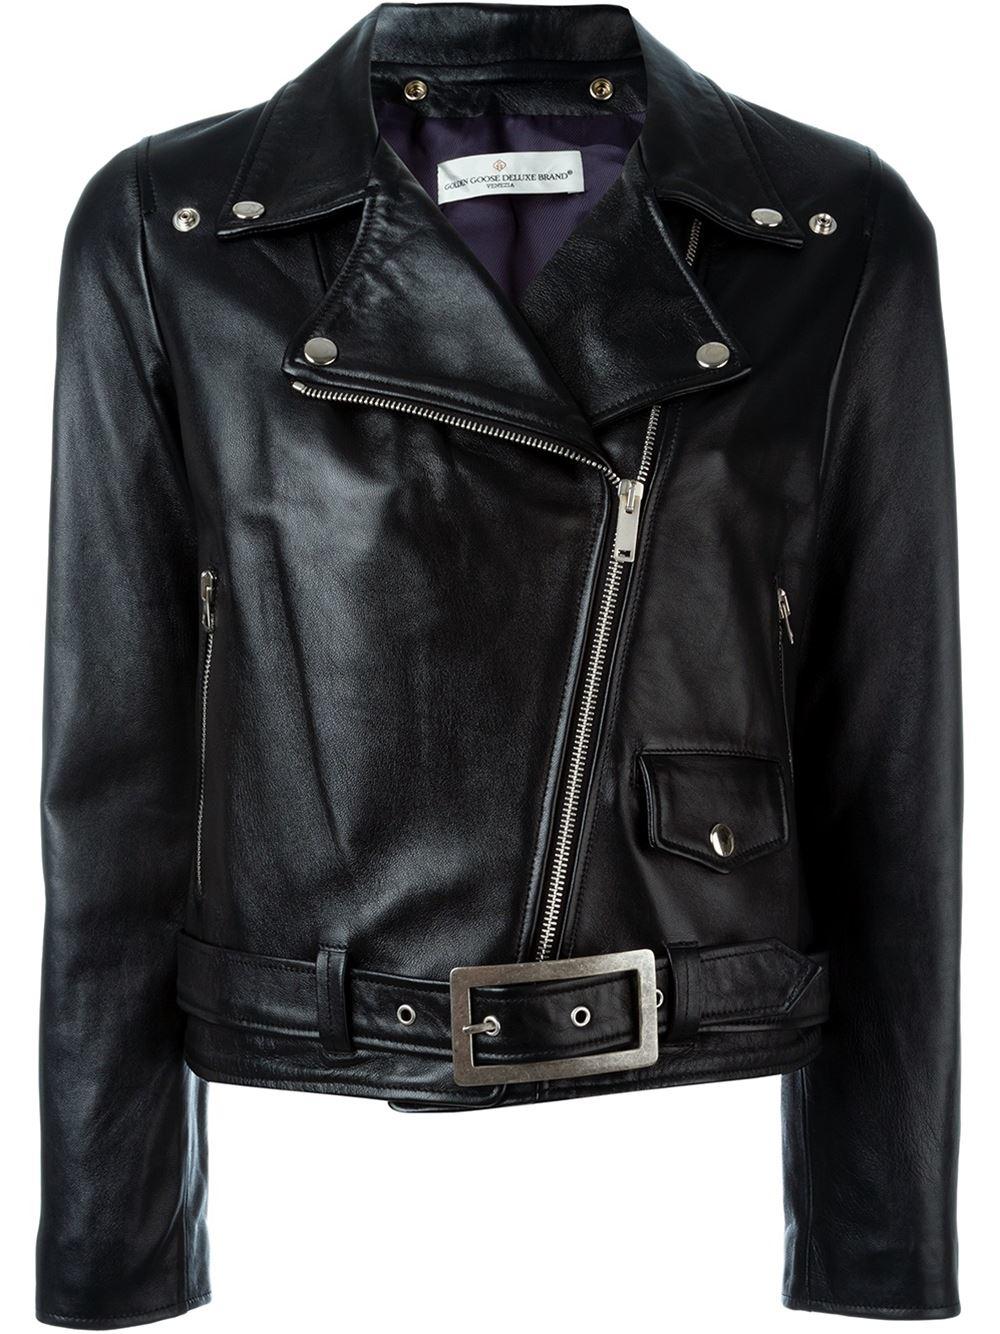 golden goose deluxe brand tiger printed biker jacket in black lyst. Black Bedroom Furniture Sets. Home Design Ideas